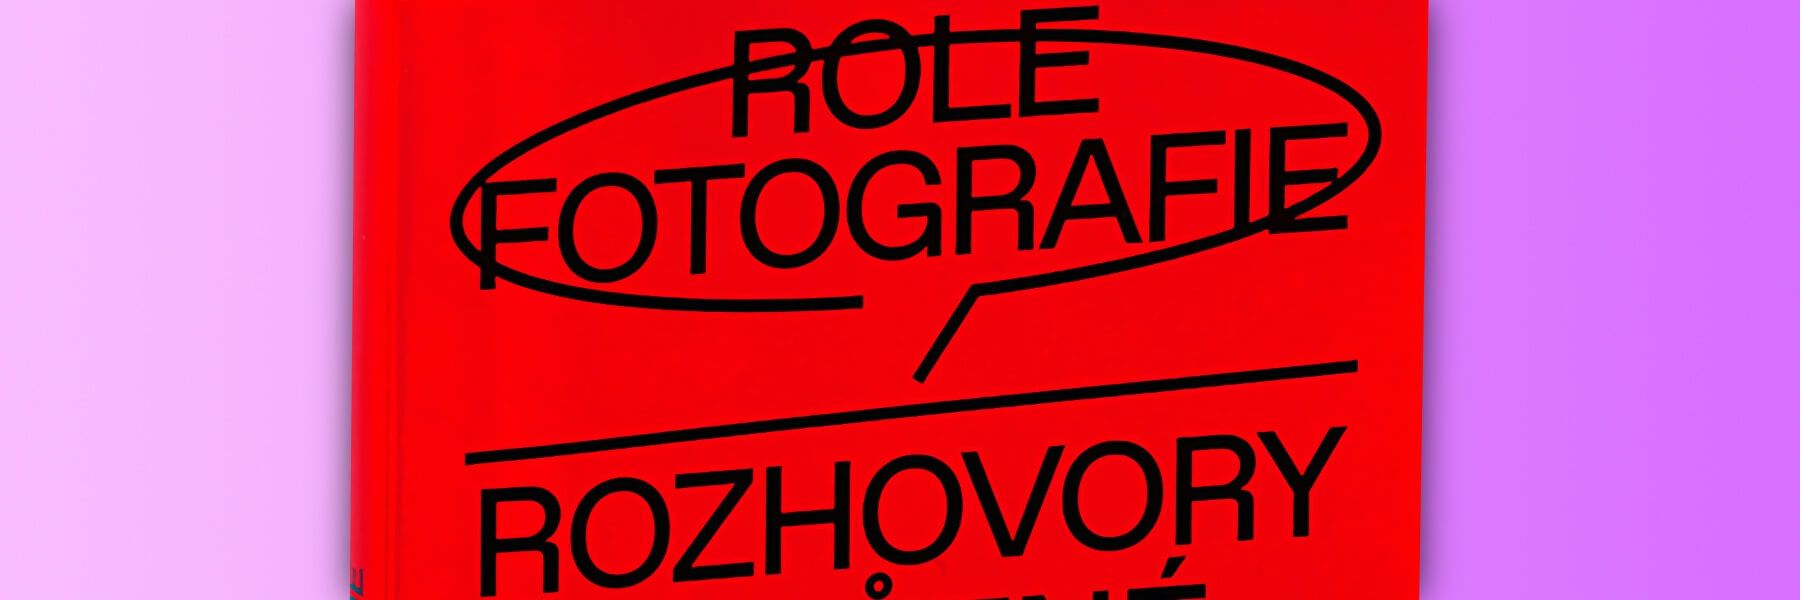 """Fotografie """"bez obrazu"""" na papíře i na zvukových vlnách"""